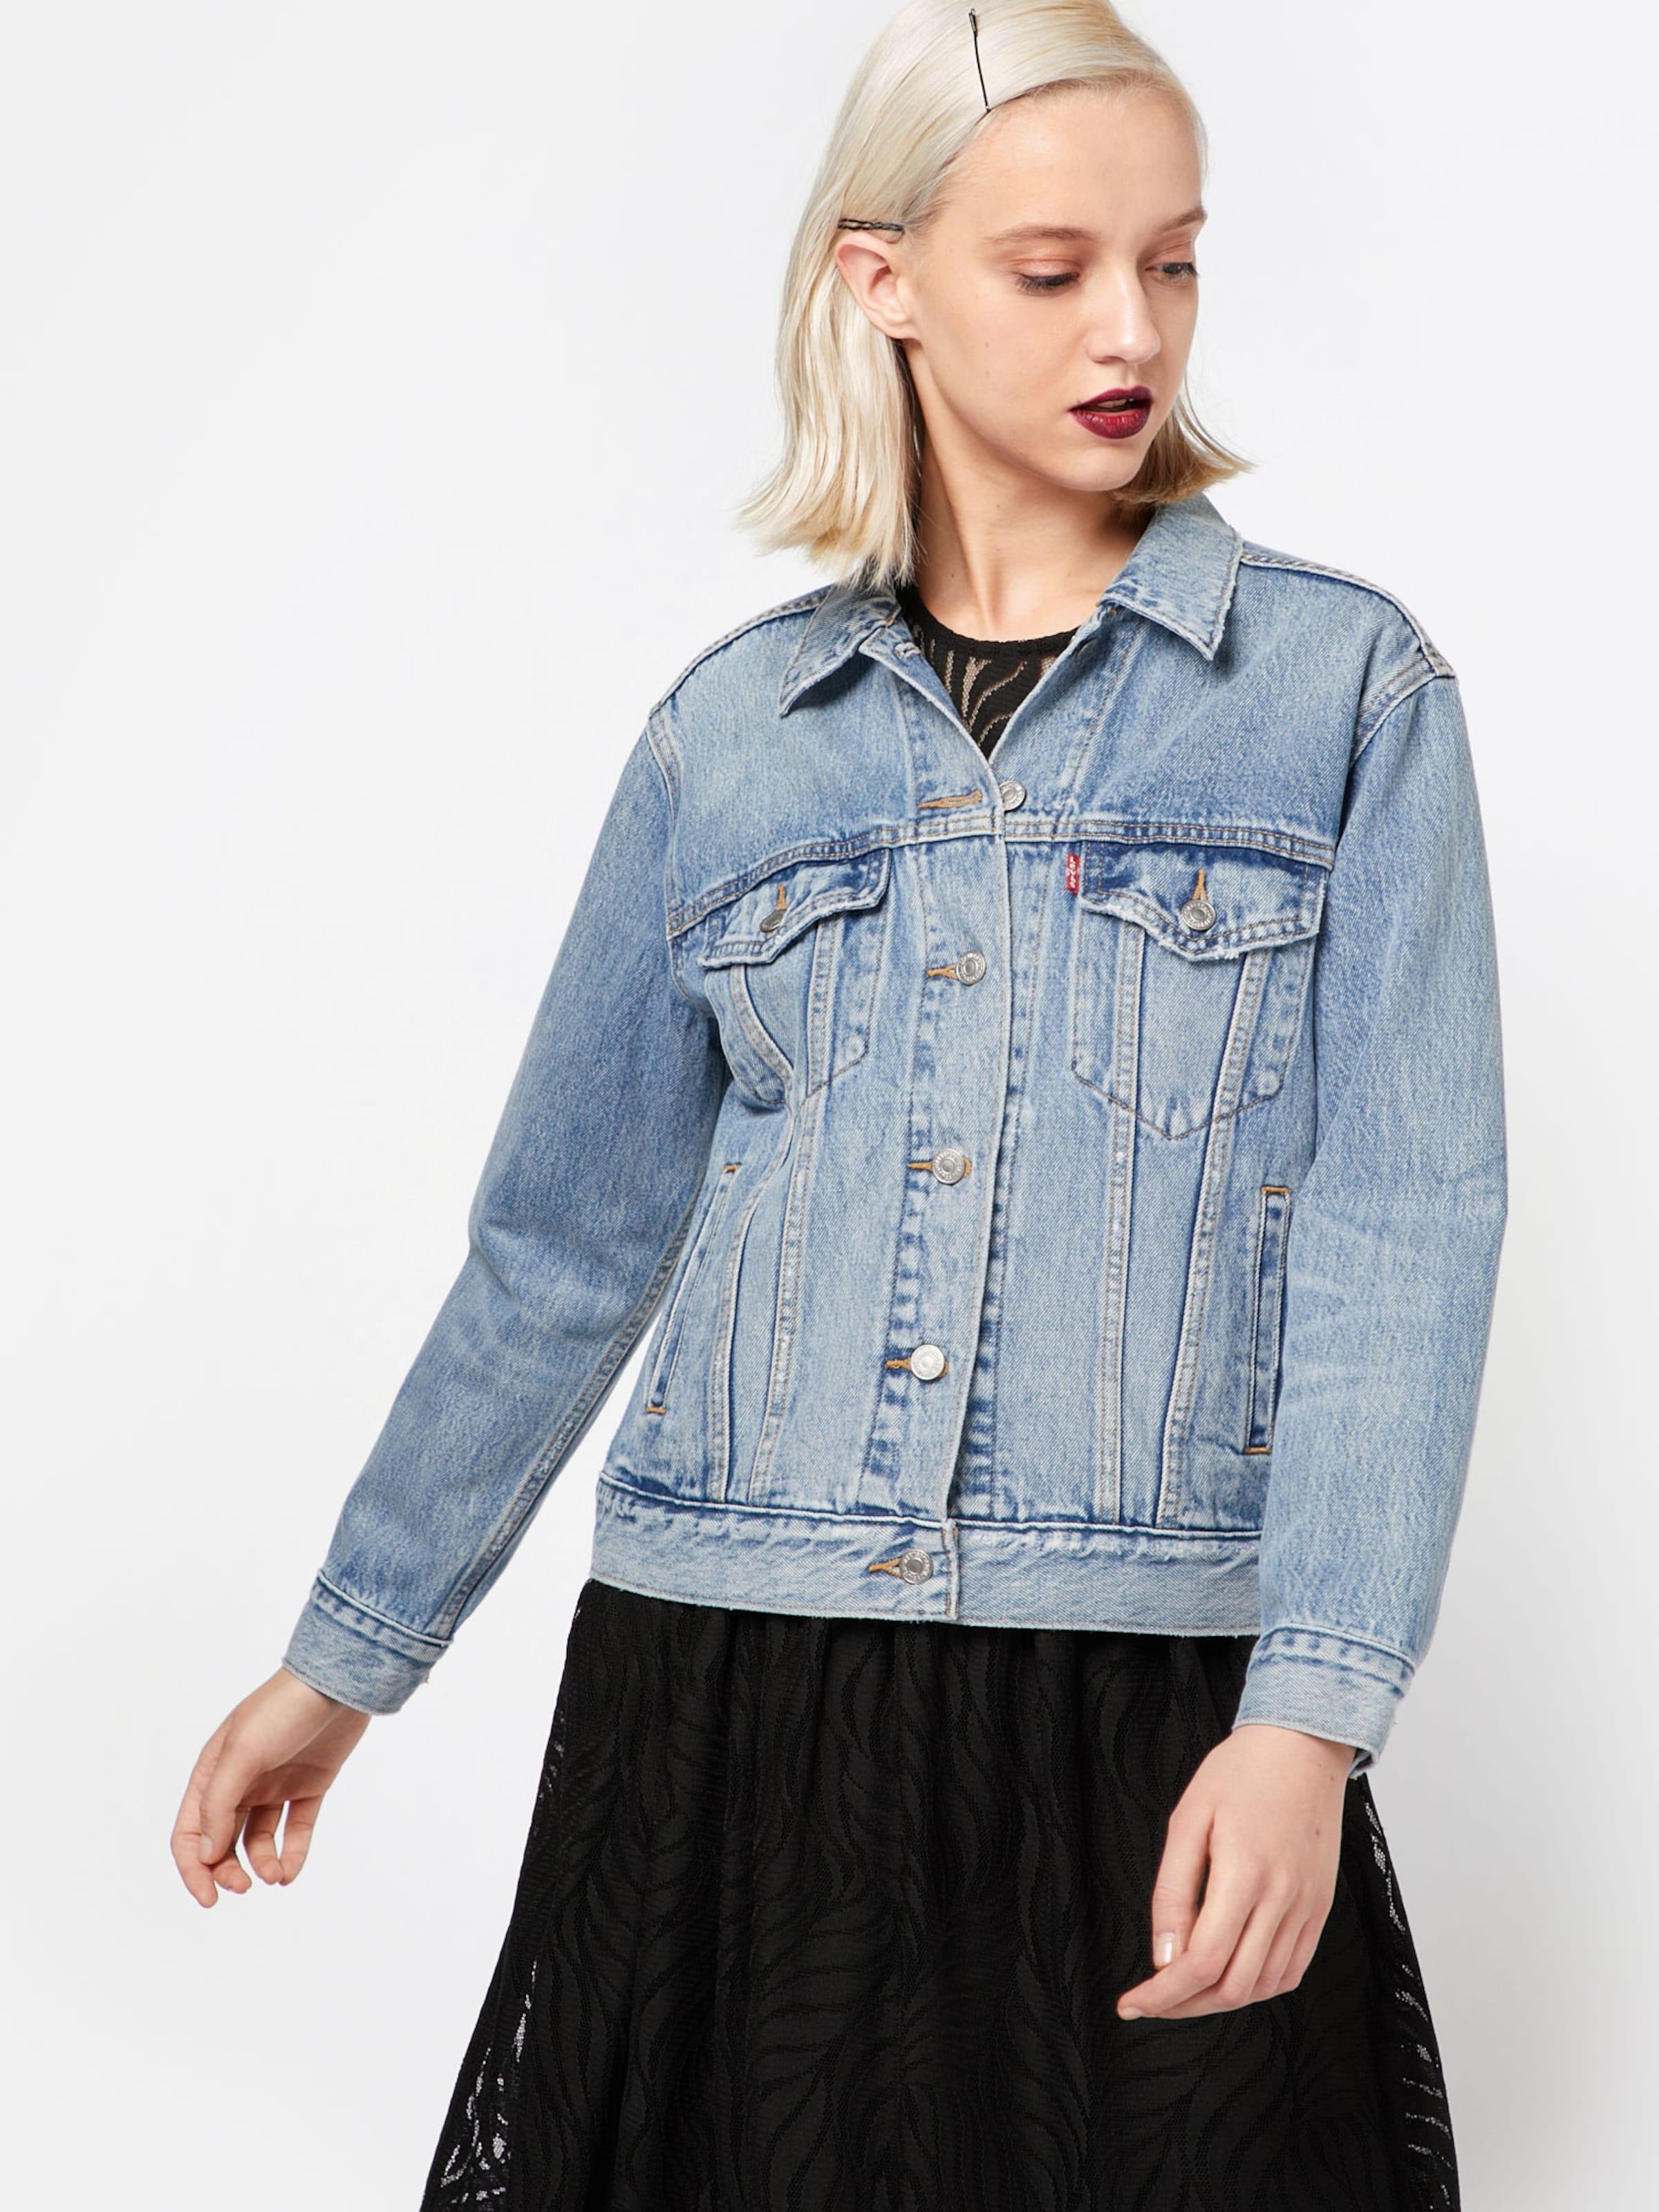 Extra kurze jeansjacke